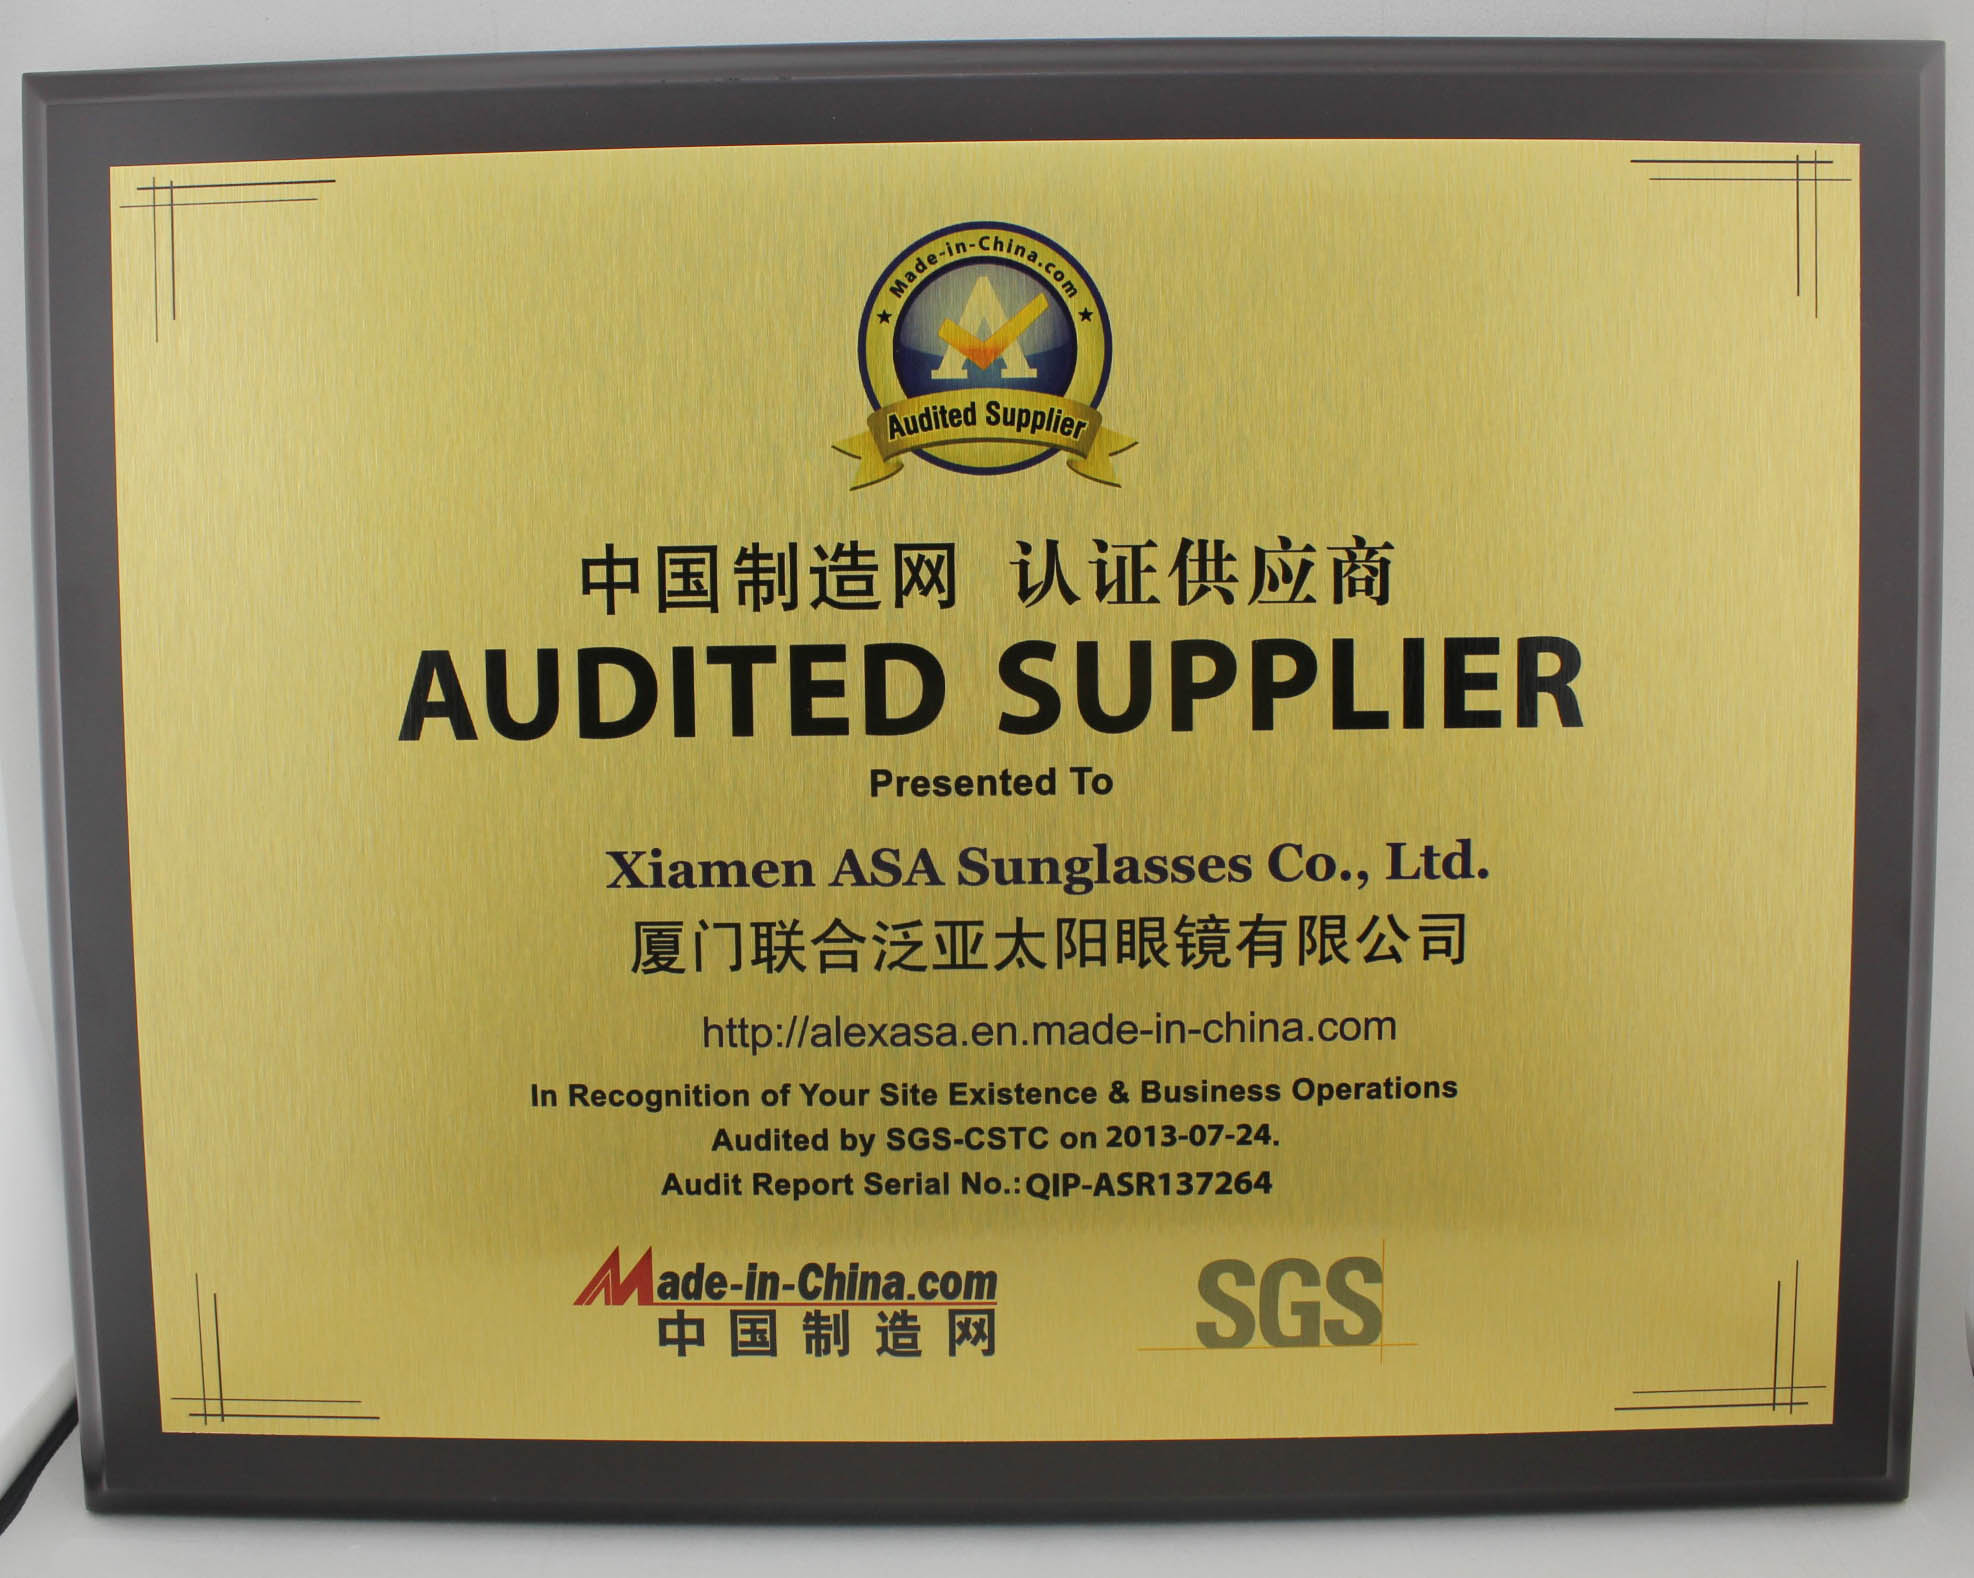 SGS Factory Audit 2013